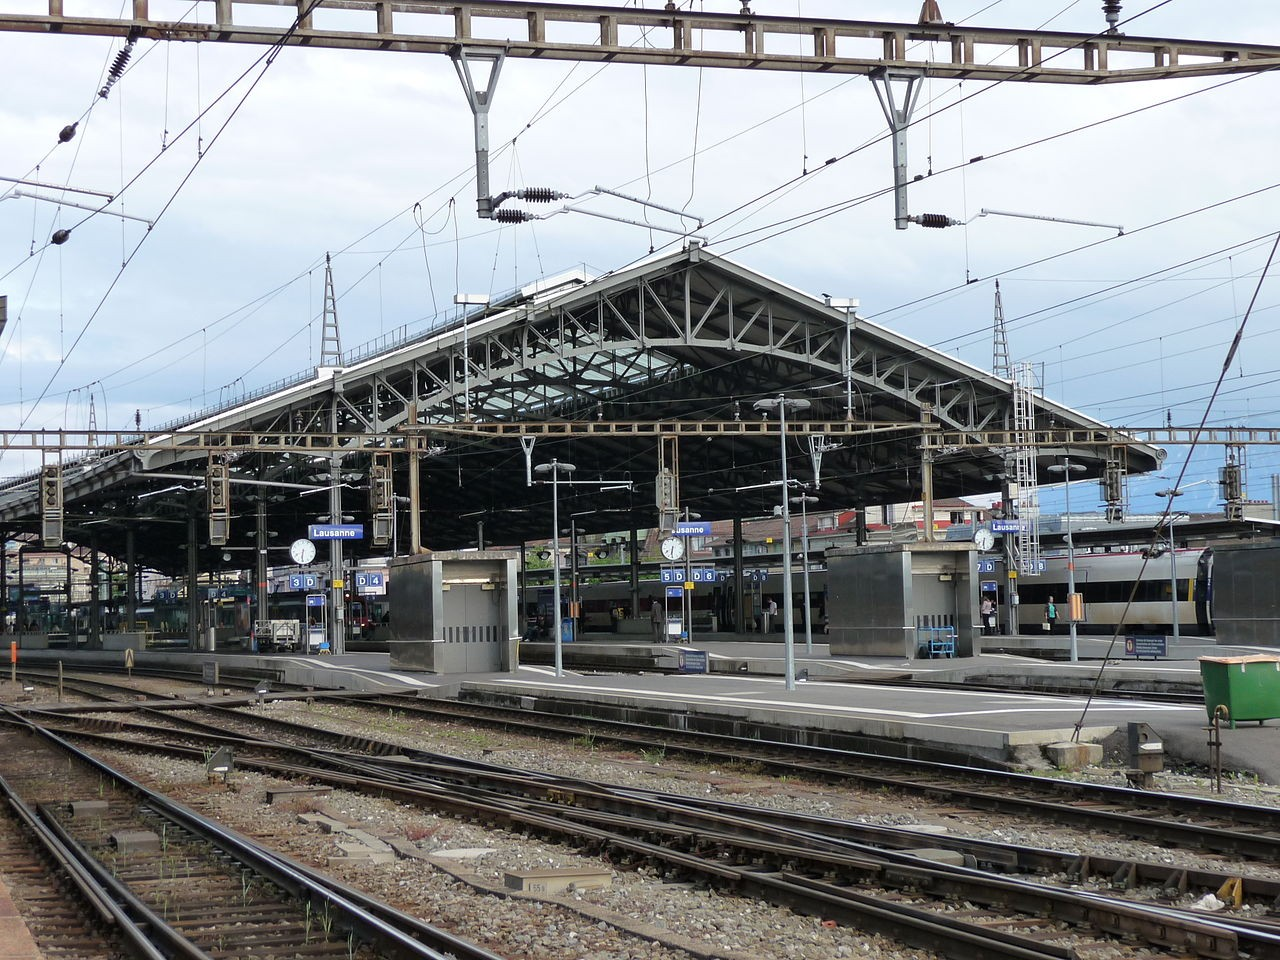 Gare_de_Lausanne